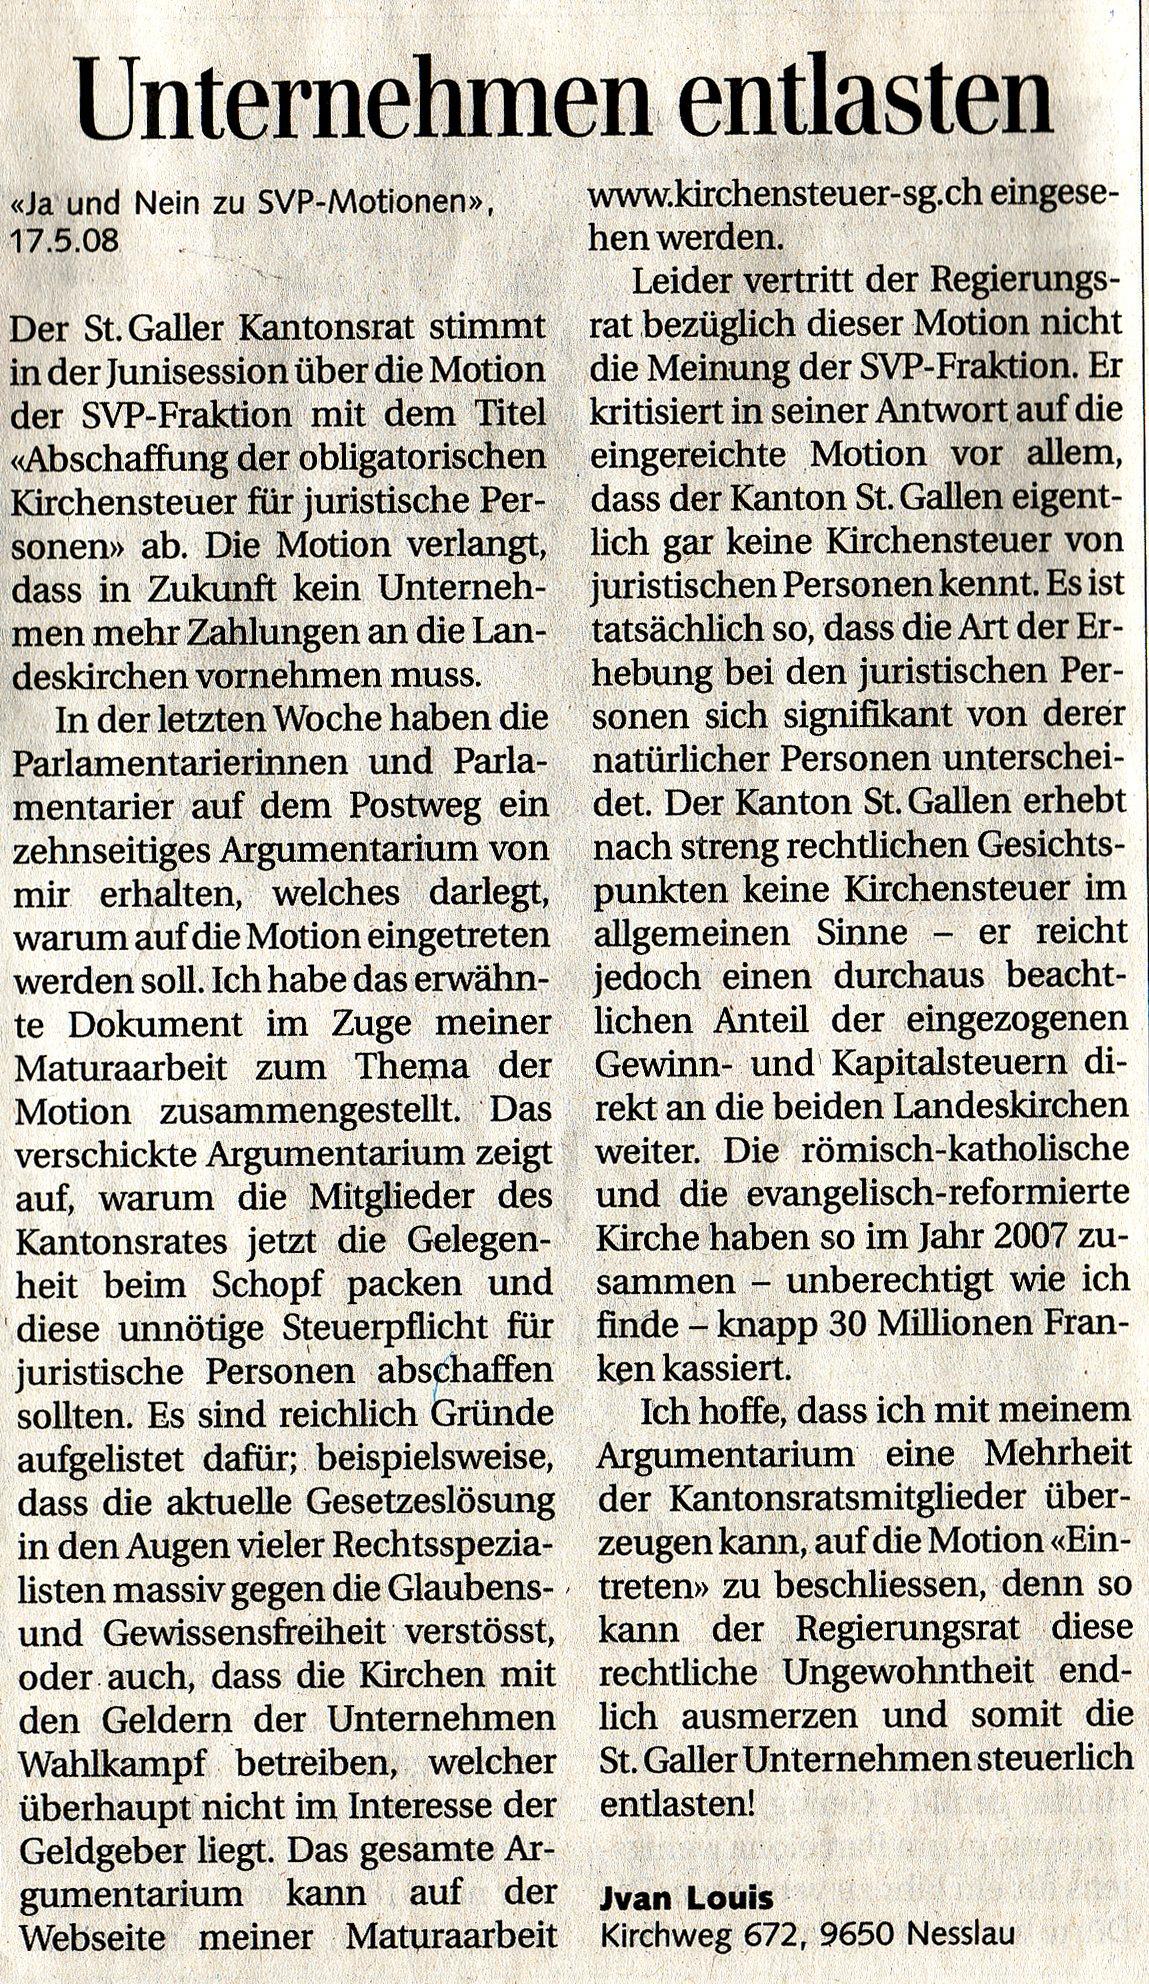 Unternehmen entlasten (Freitag, 30.05.2008)